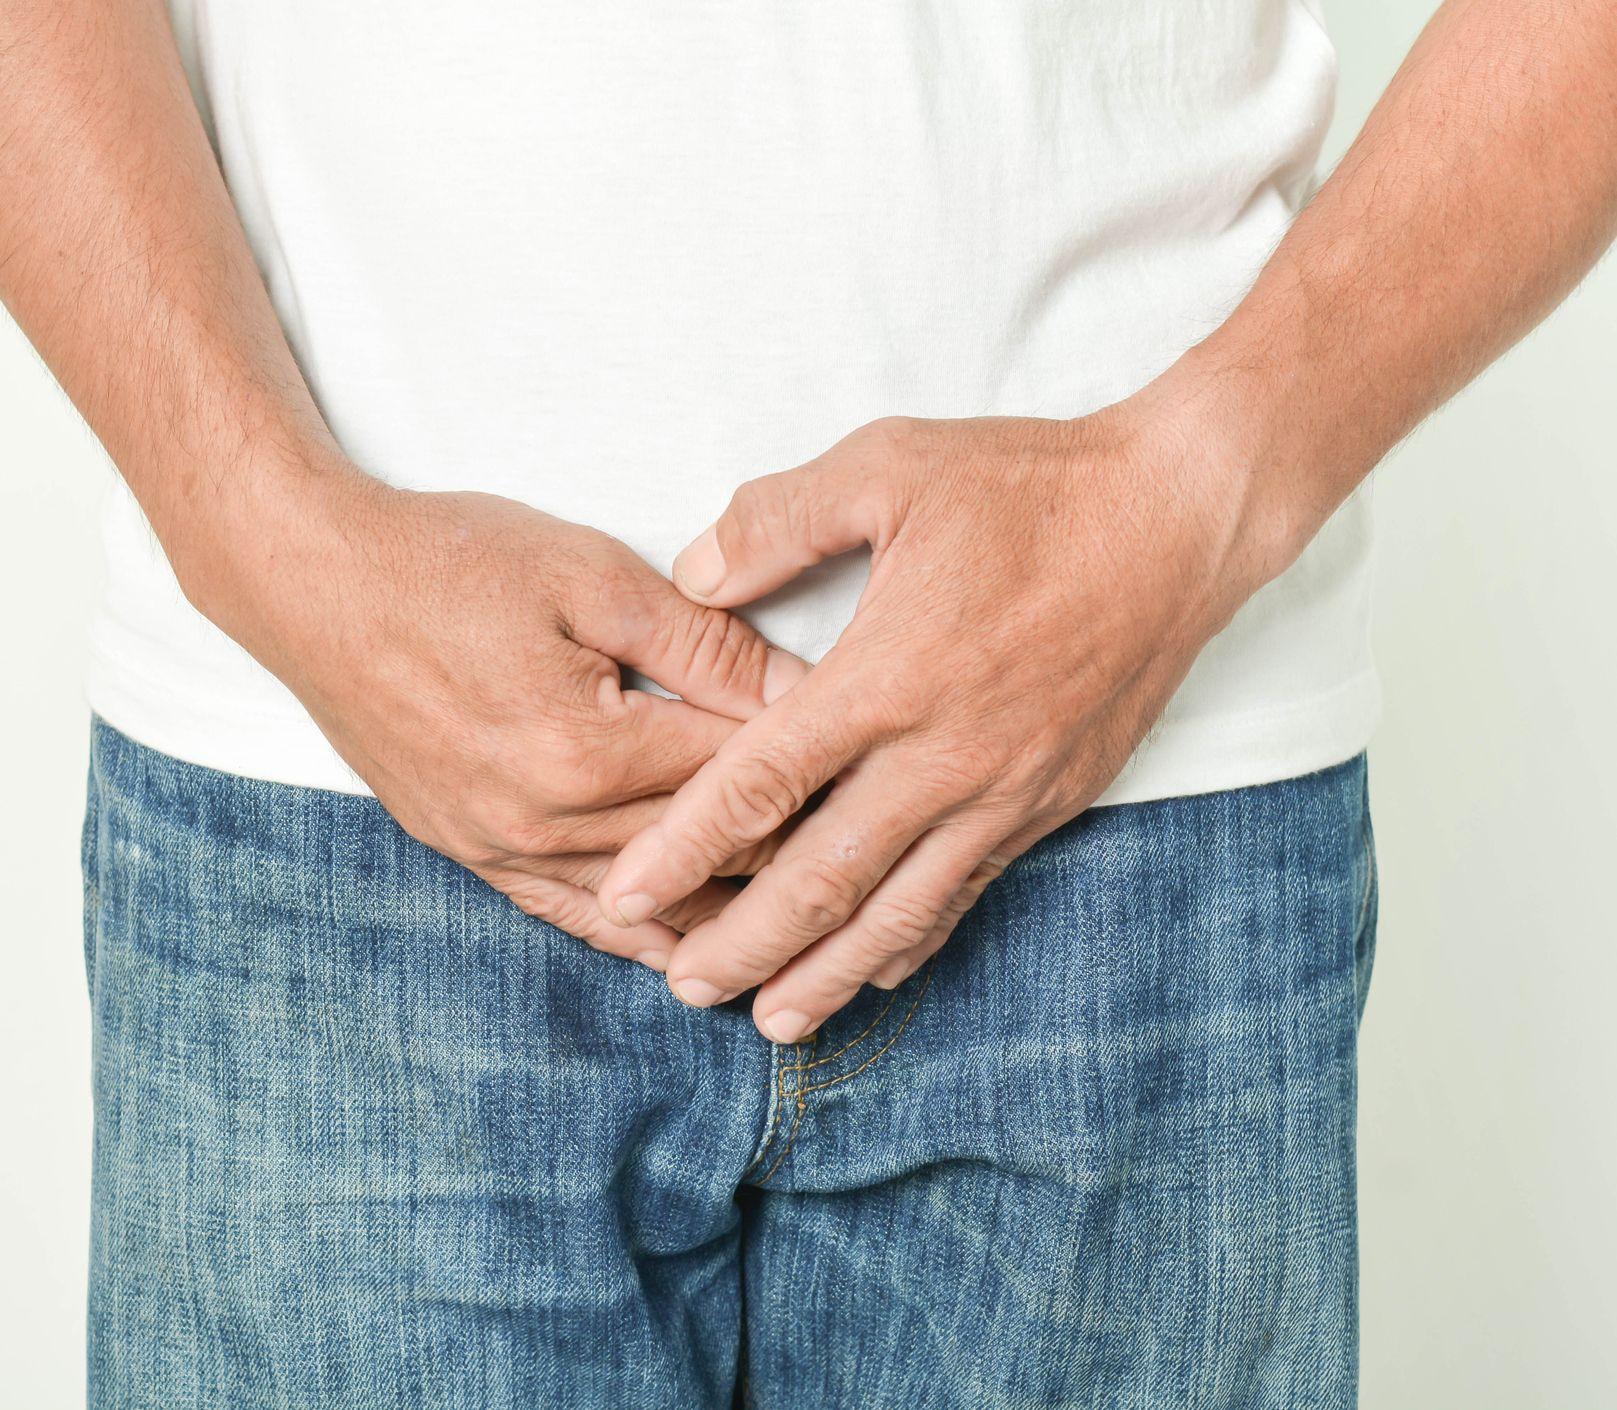 Pozitíva poruchy erekcie? Môže predznamenať vážne problémy, nechajte sa vyšetriť